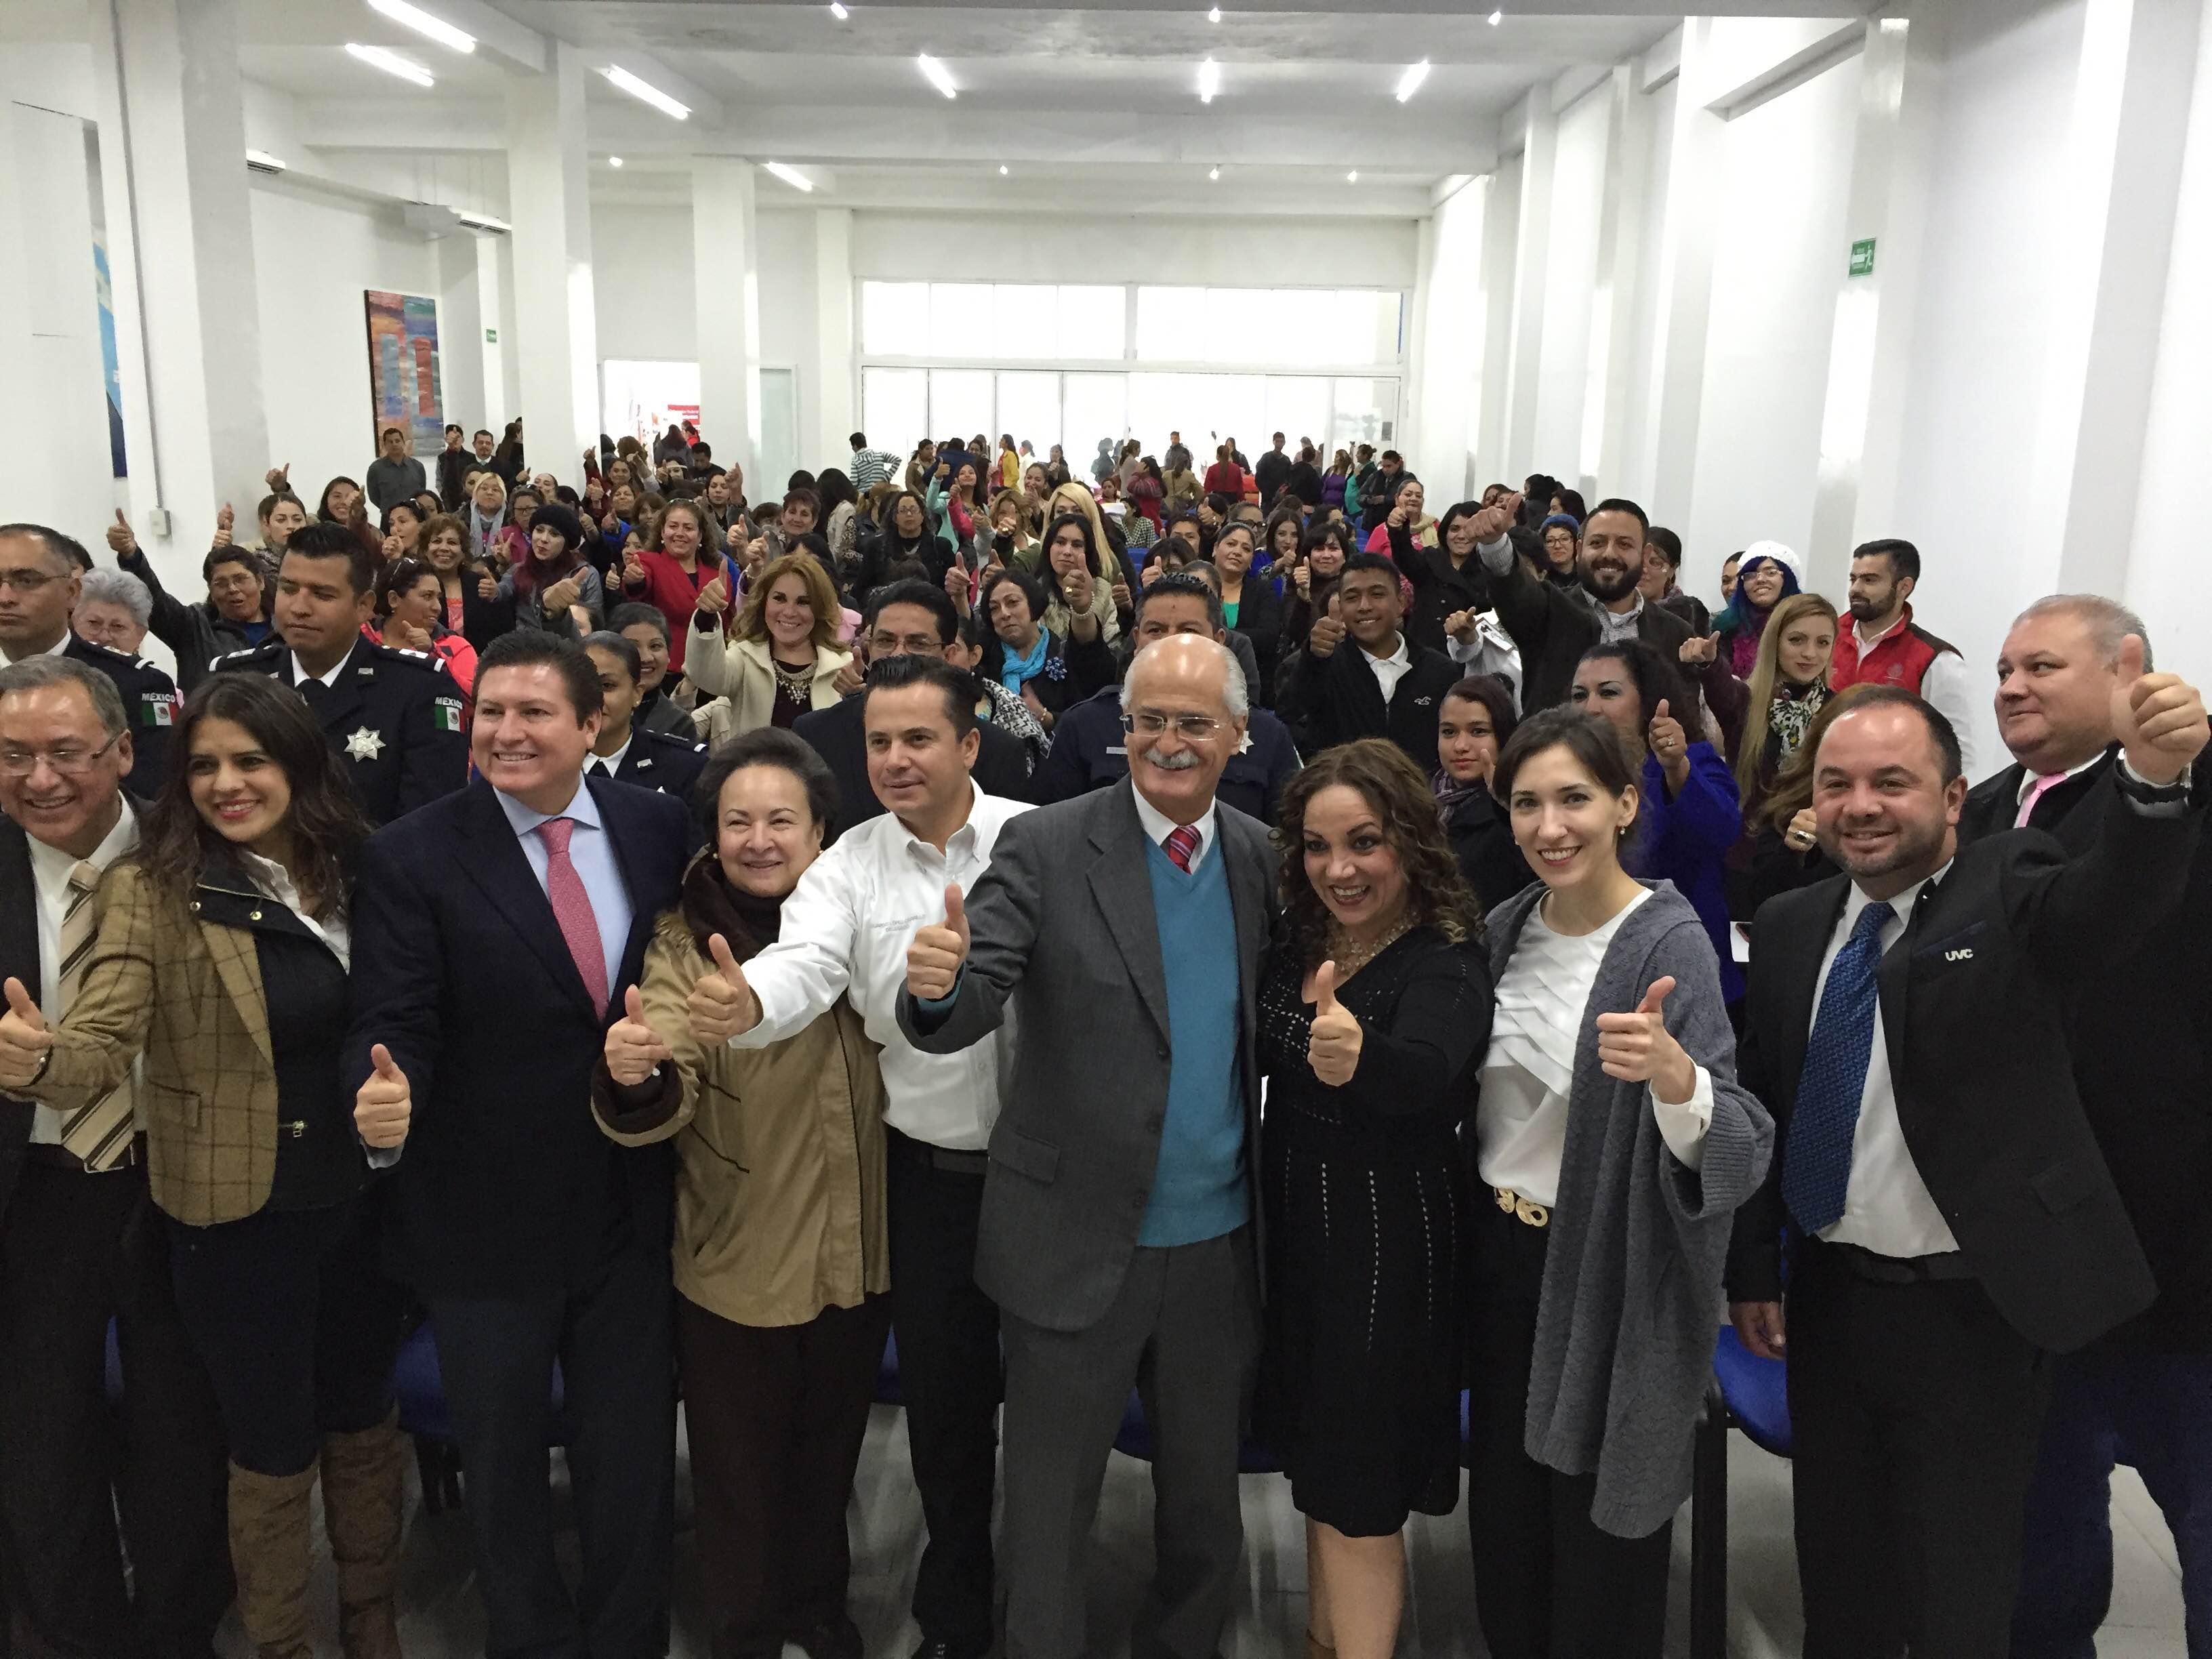 El PRONAFIM imparte taller sobre consolidación empresarial en Zacatecas